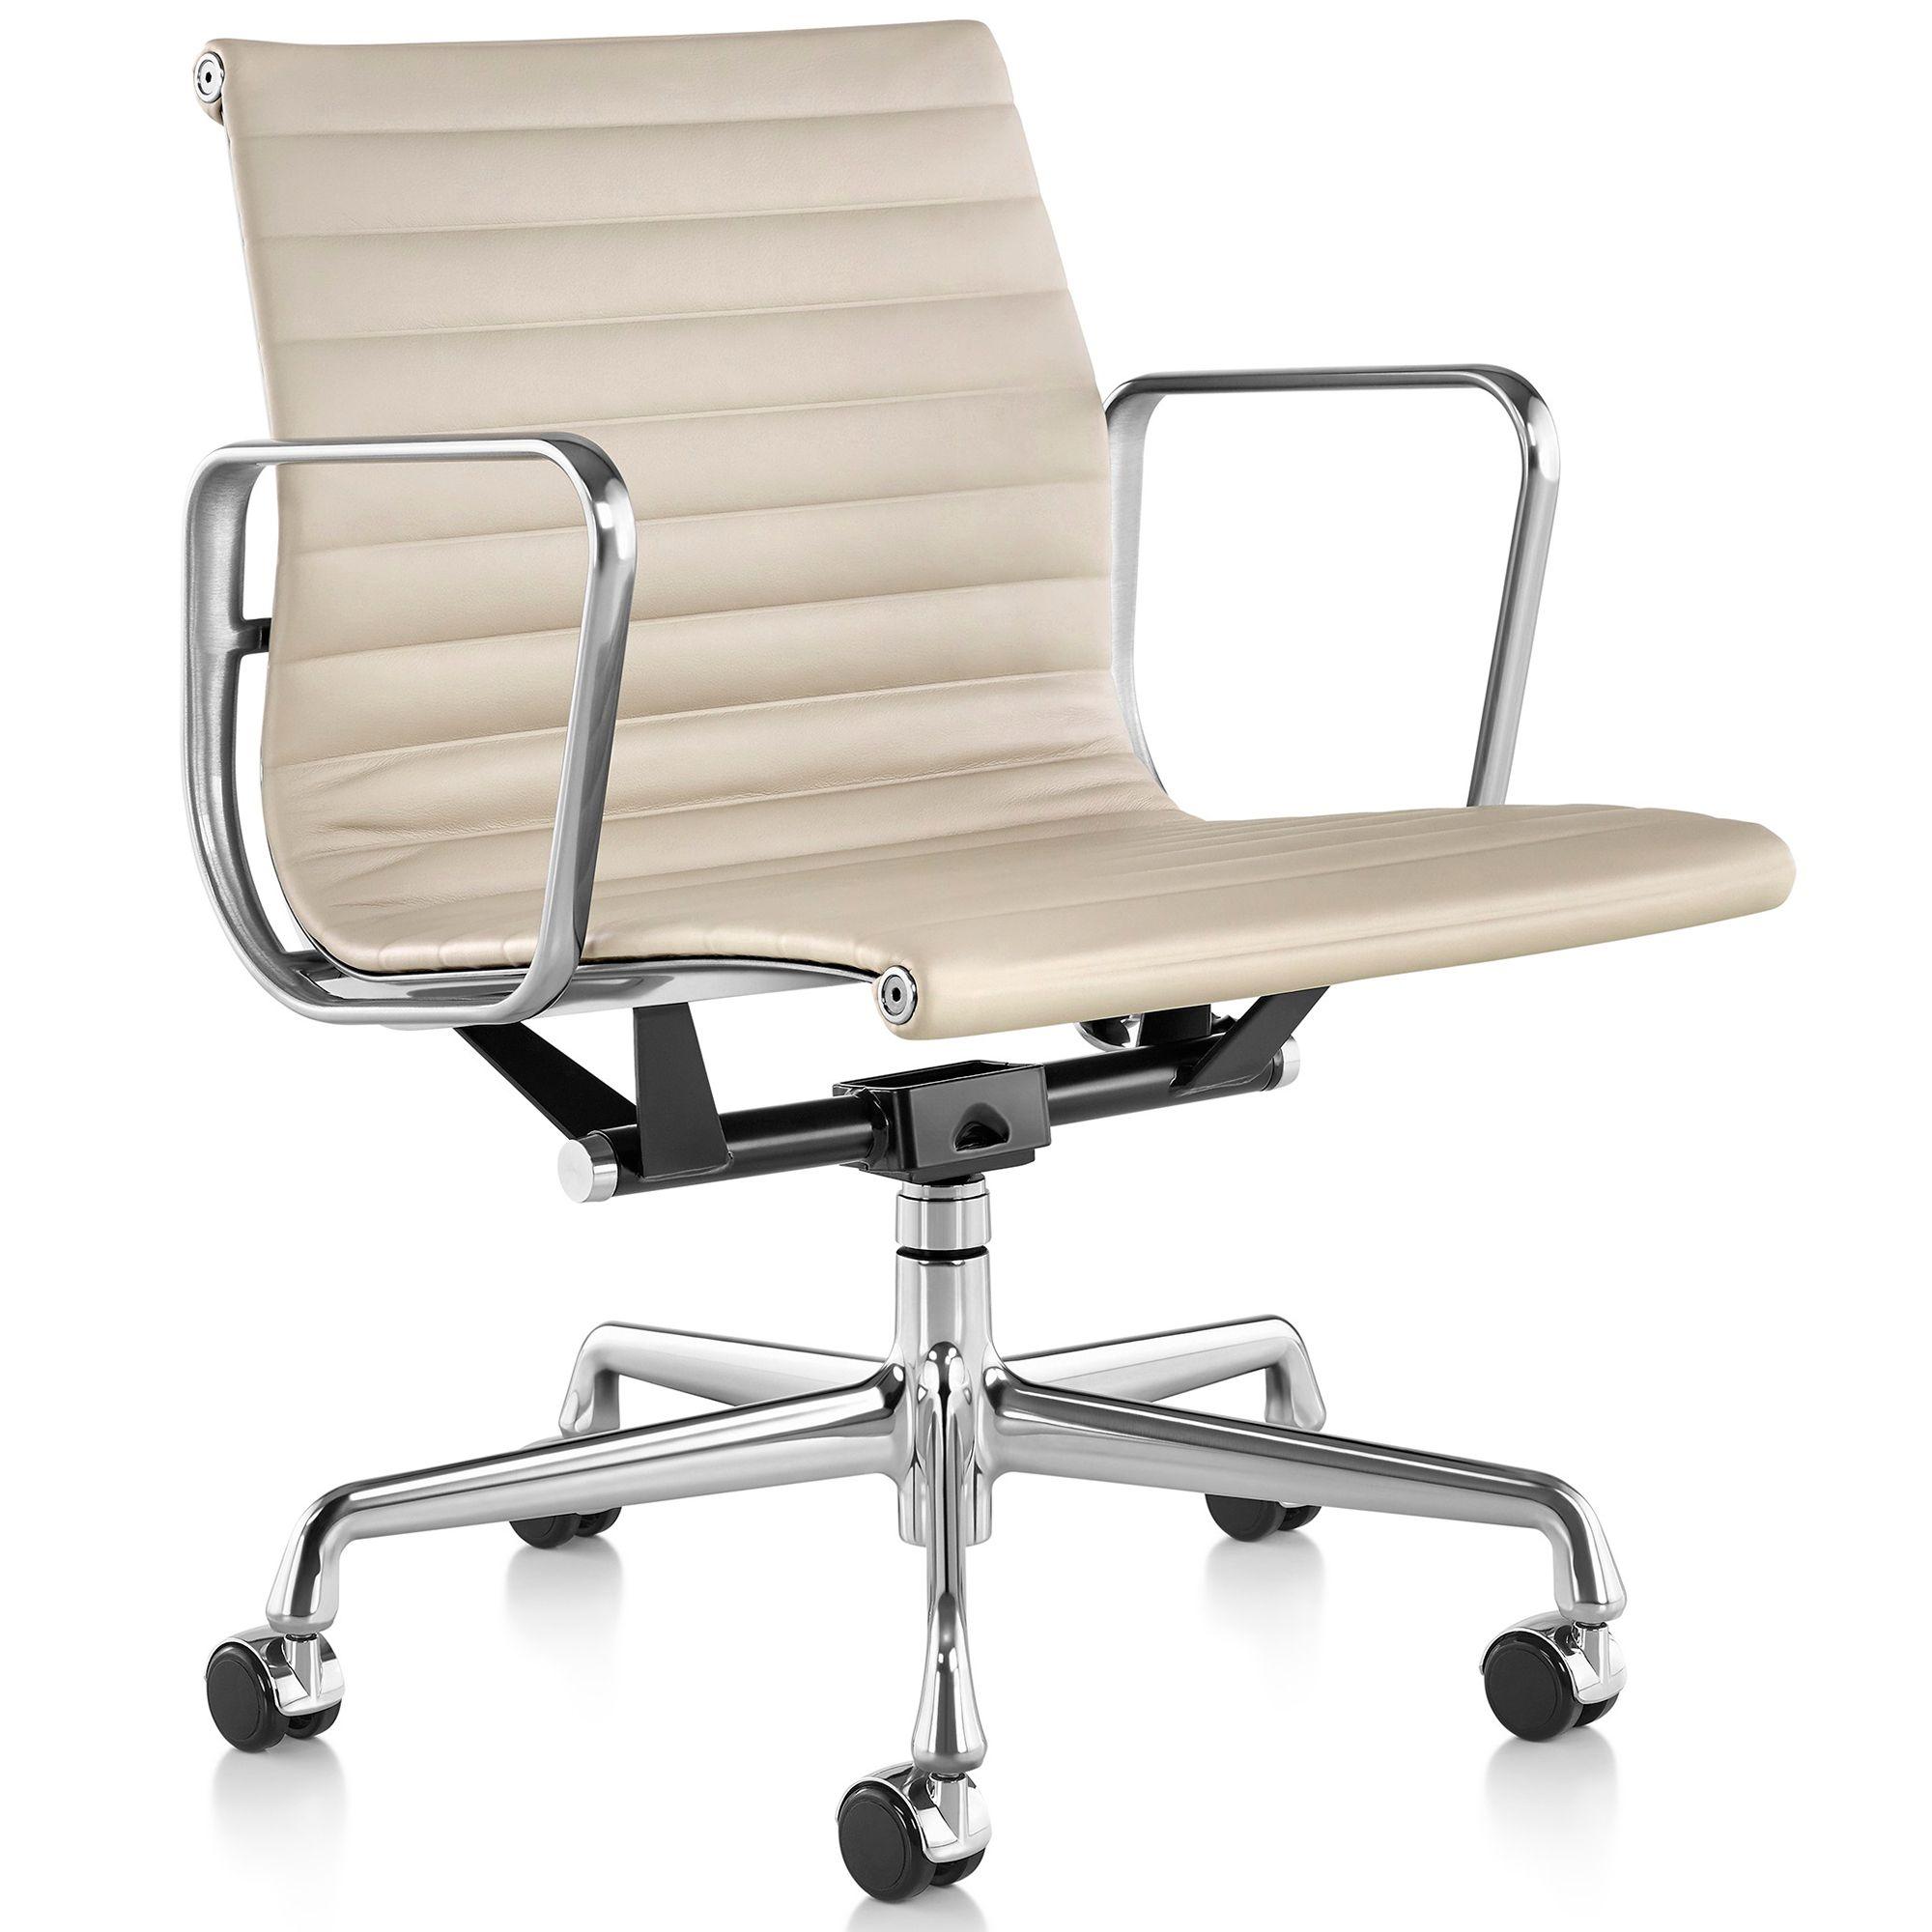 Onderstel Bureaustoel Te Koop.Aanbieding Vitra Ea 117 Bureaustoel Leder Wit Onderstel Verchroomd